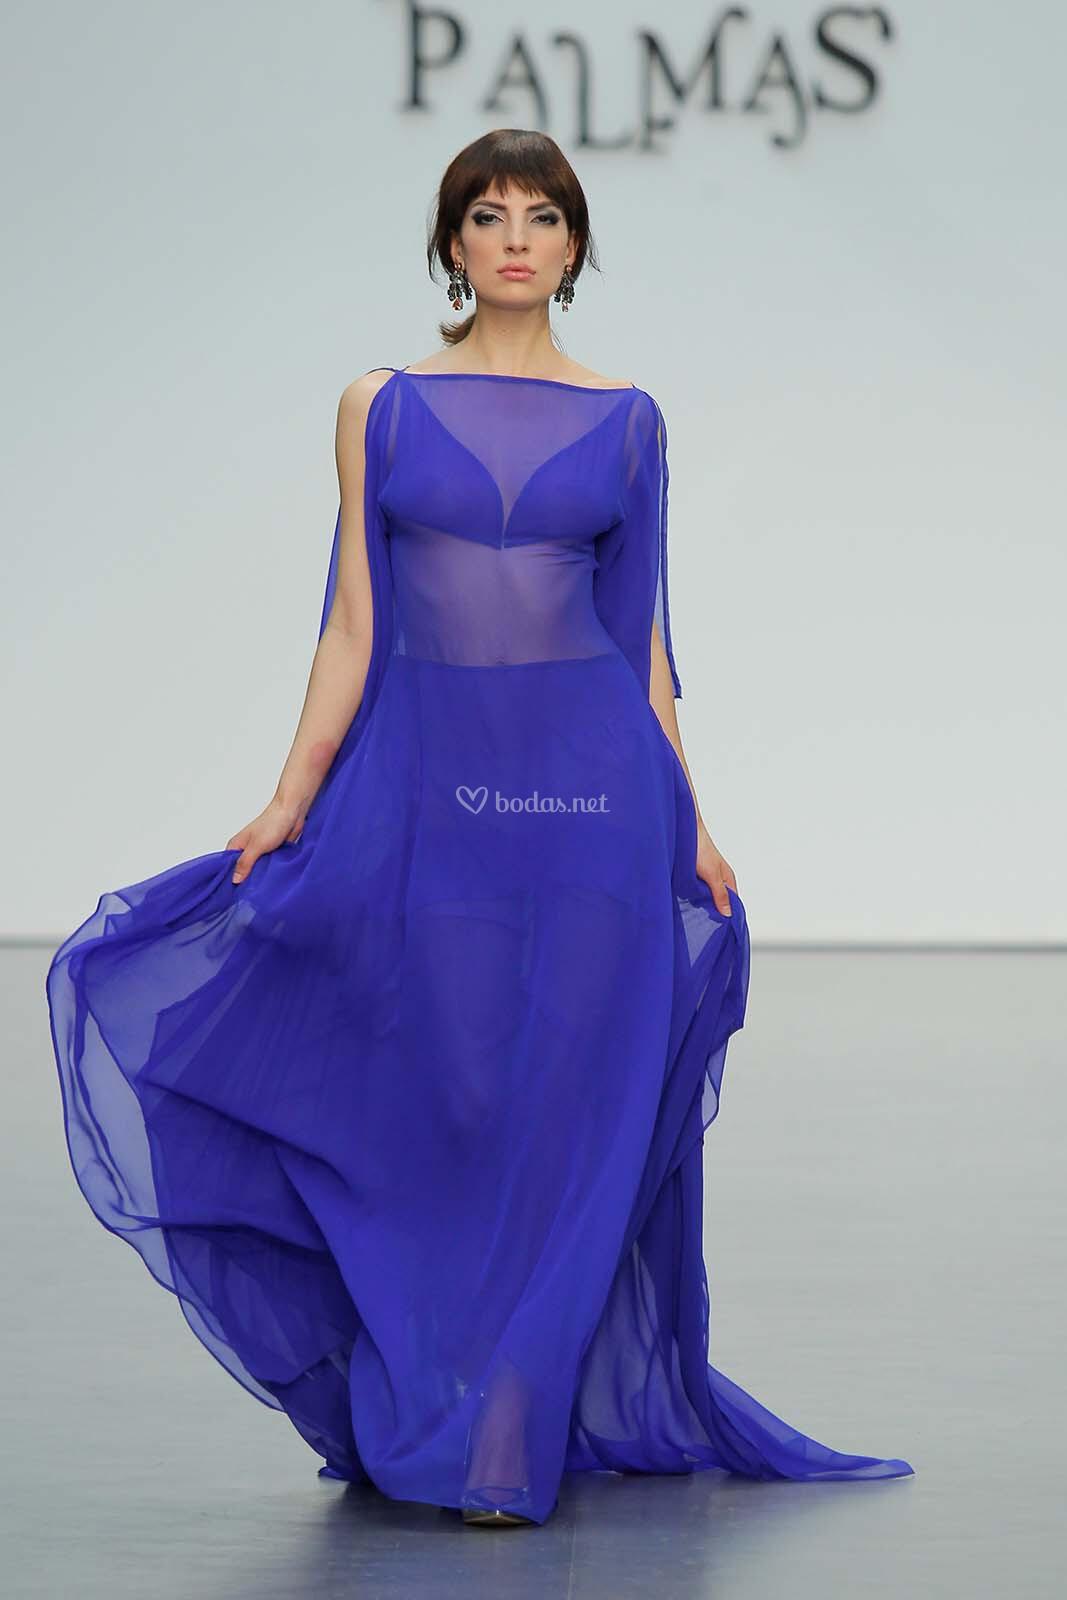 Vistoso Modestos Elegantes Vestidos De Novia Galería - Vestido de ...